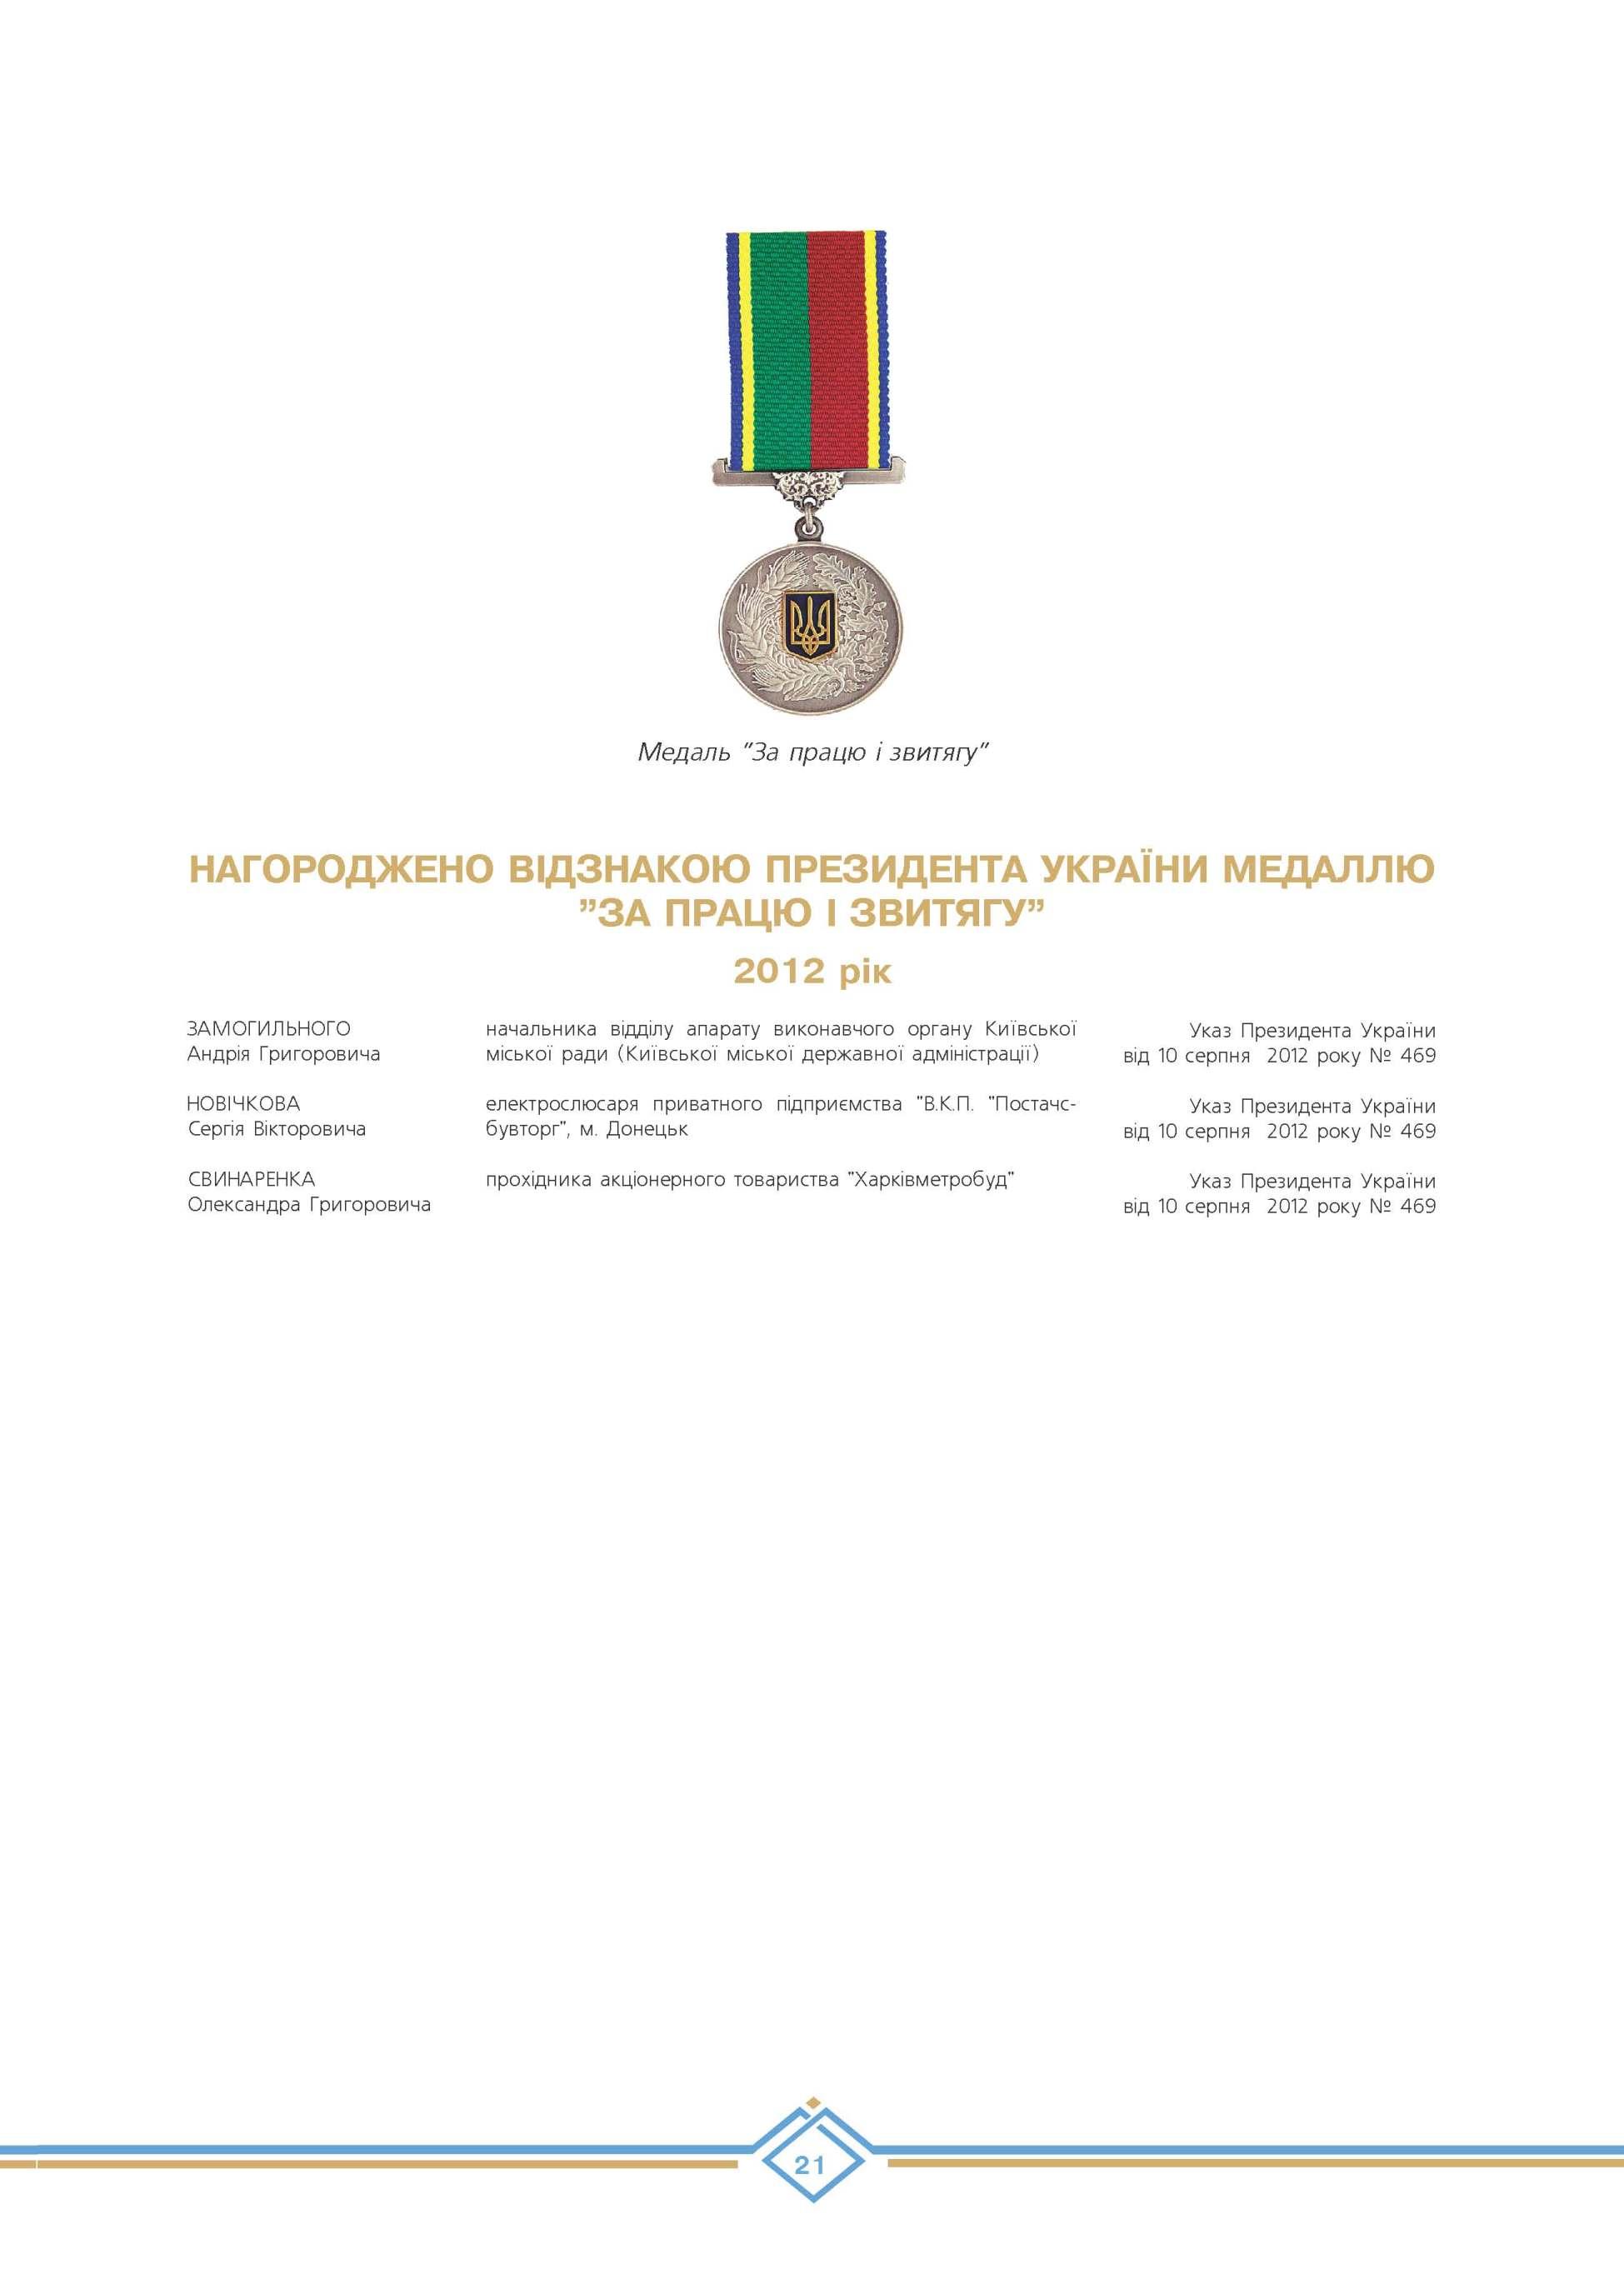 Будівельники відзначені Президентом України медаллю